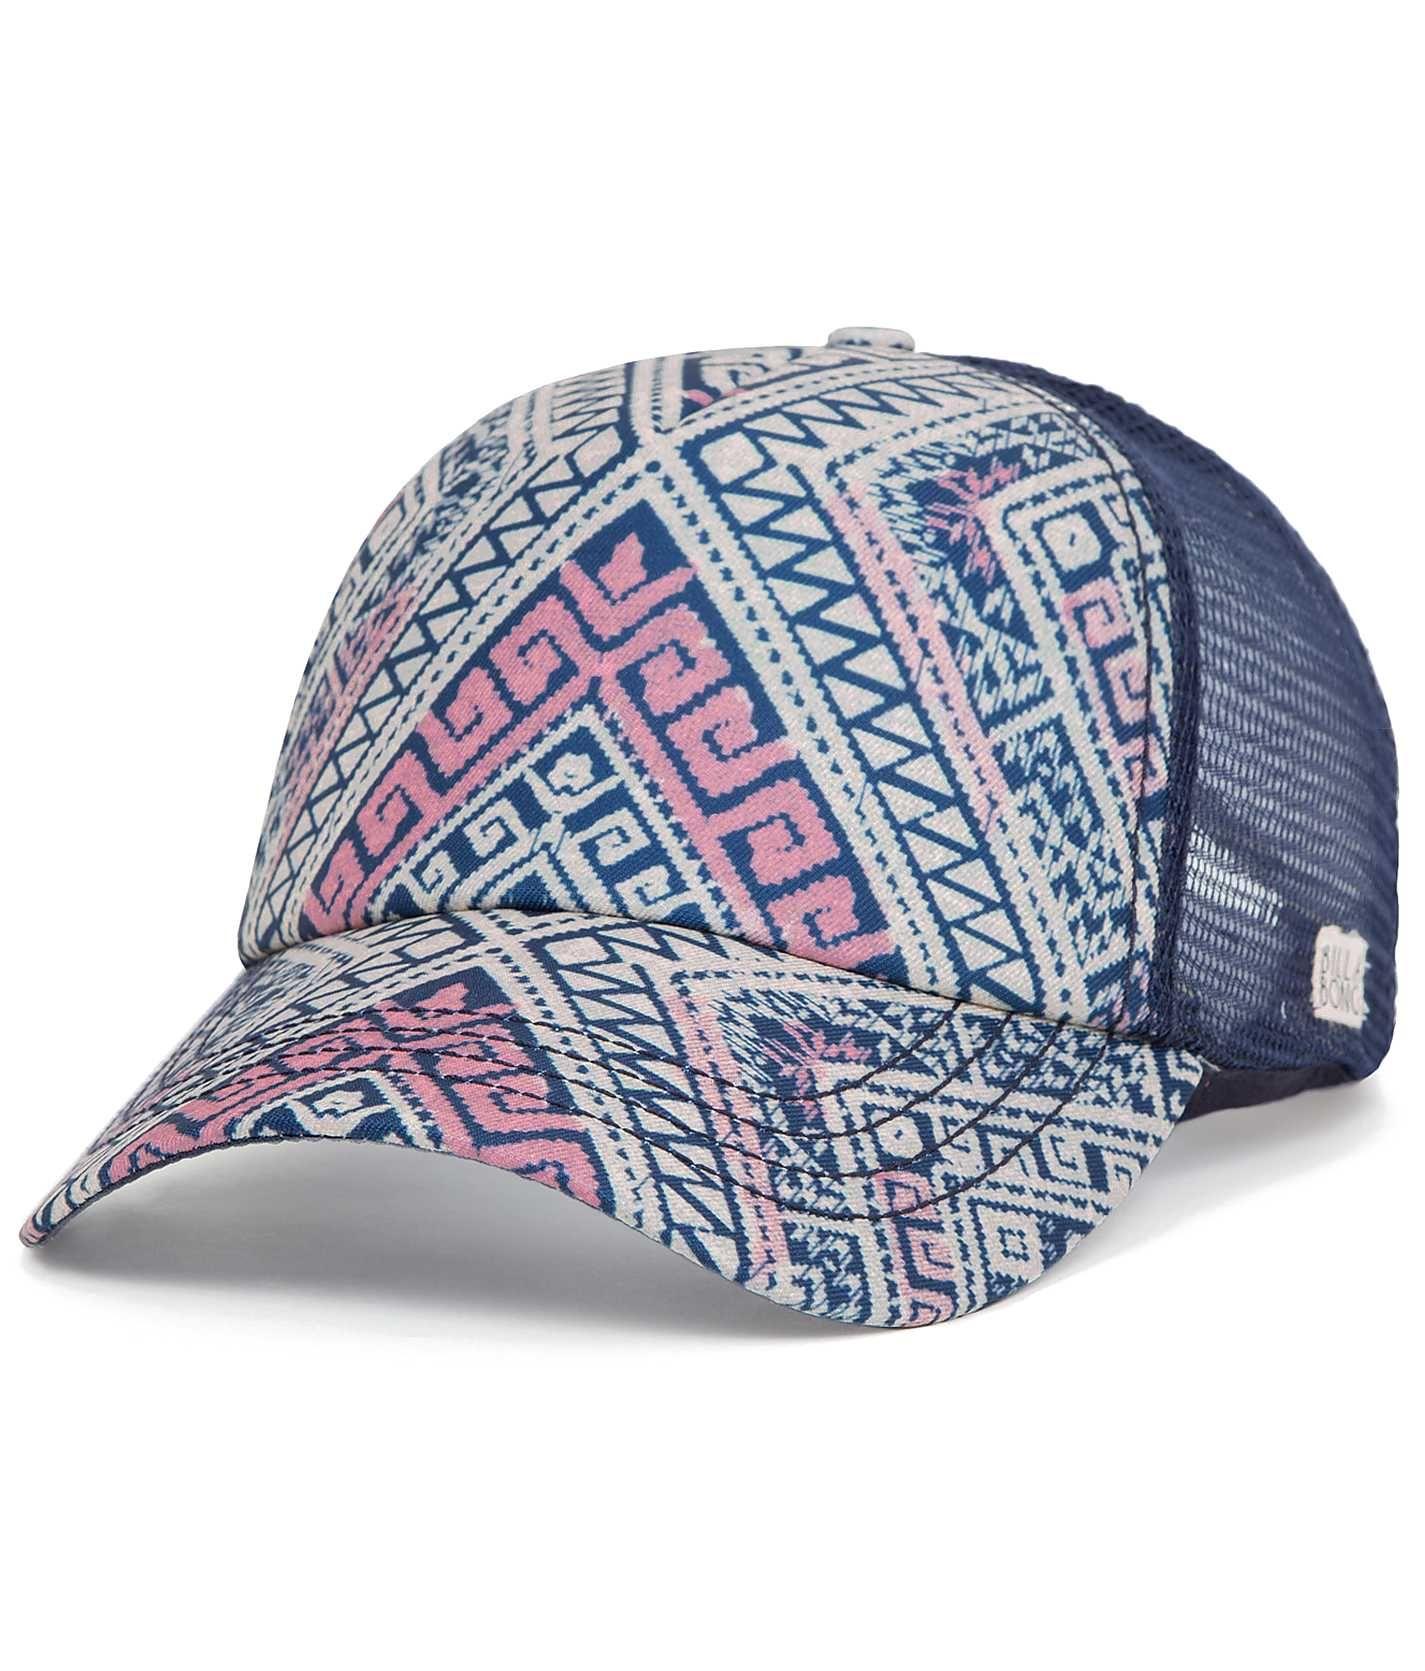 323255e5c243c6 Billabong Bloom On Trucker Hat - Women's Hats | Buckle | style ...